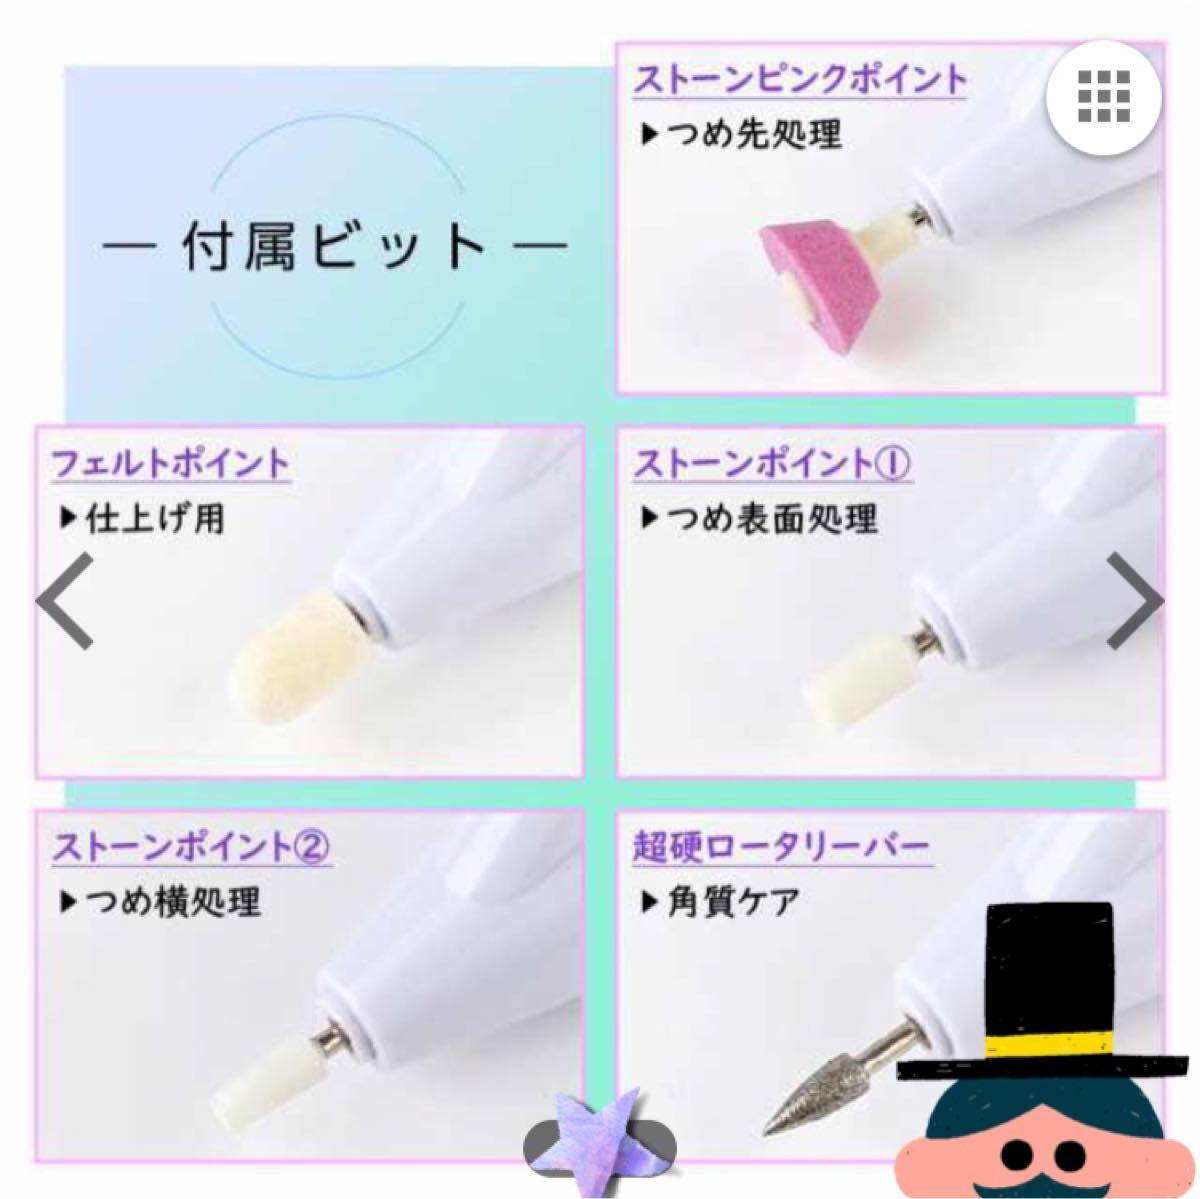 ネイルドリル ネイルマシーン ペン型 オシャレ ネイルケア